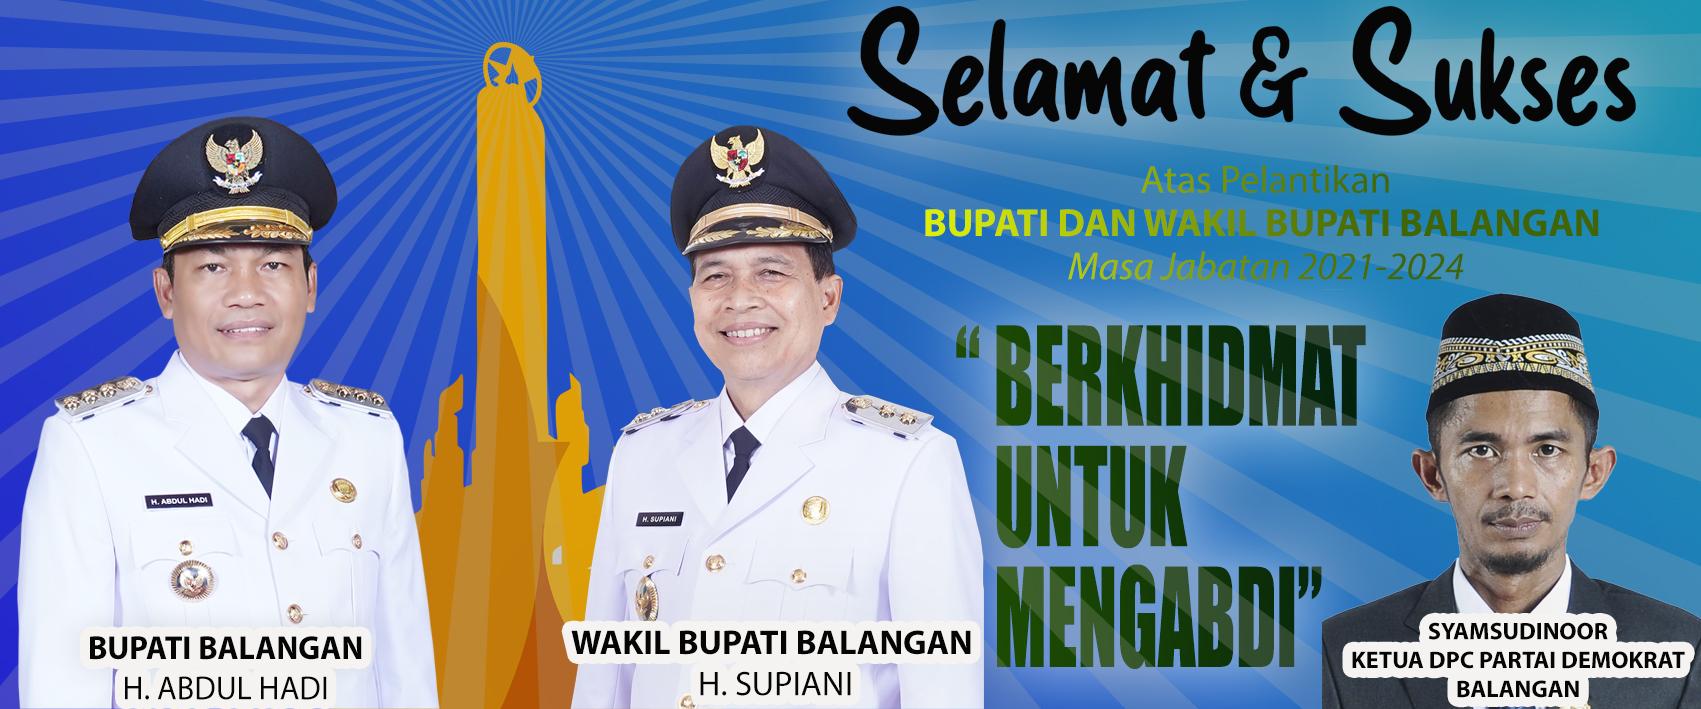 ucapan Syamsudinoor Ketua DPC Partai Demokrat balangan